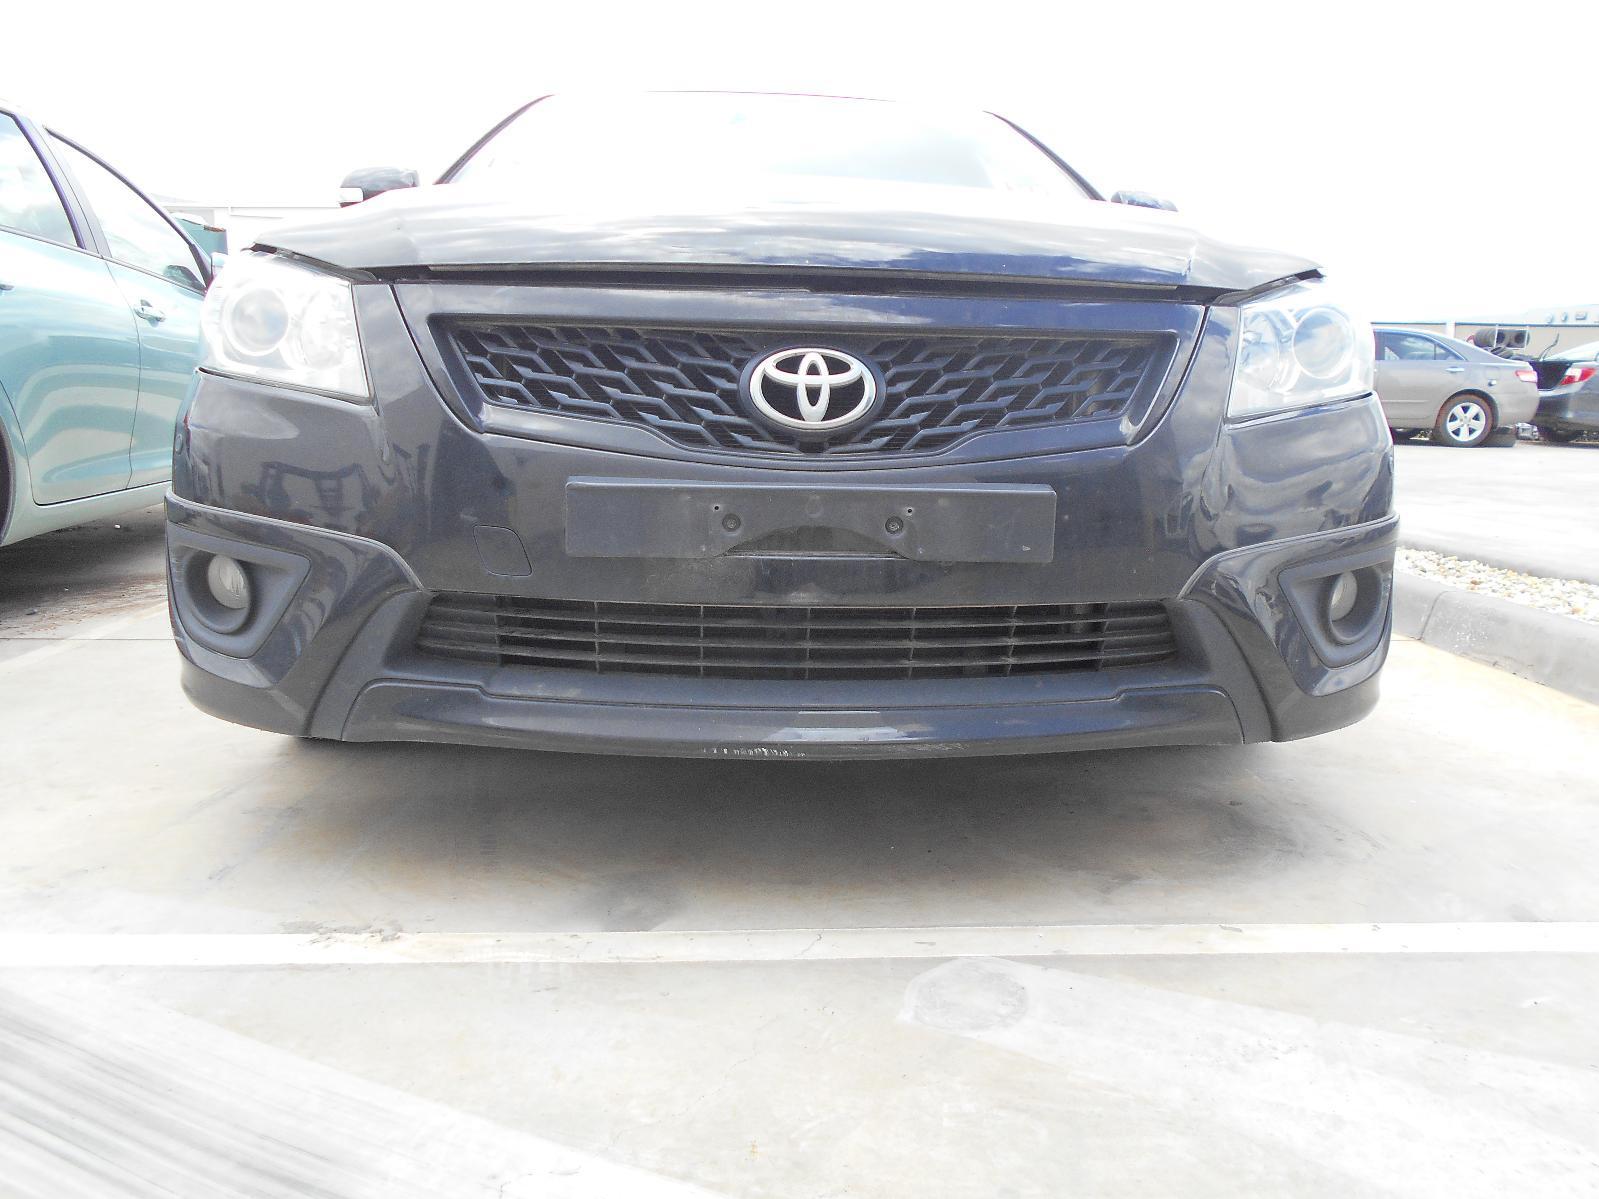 TOYOTA AURION, Front Bumper, GSV40R, SUIT W/ PARK SENSORS, 08/09-03/12